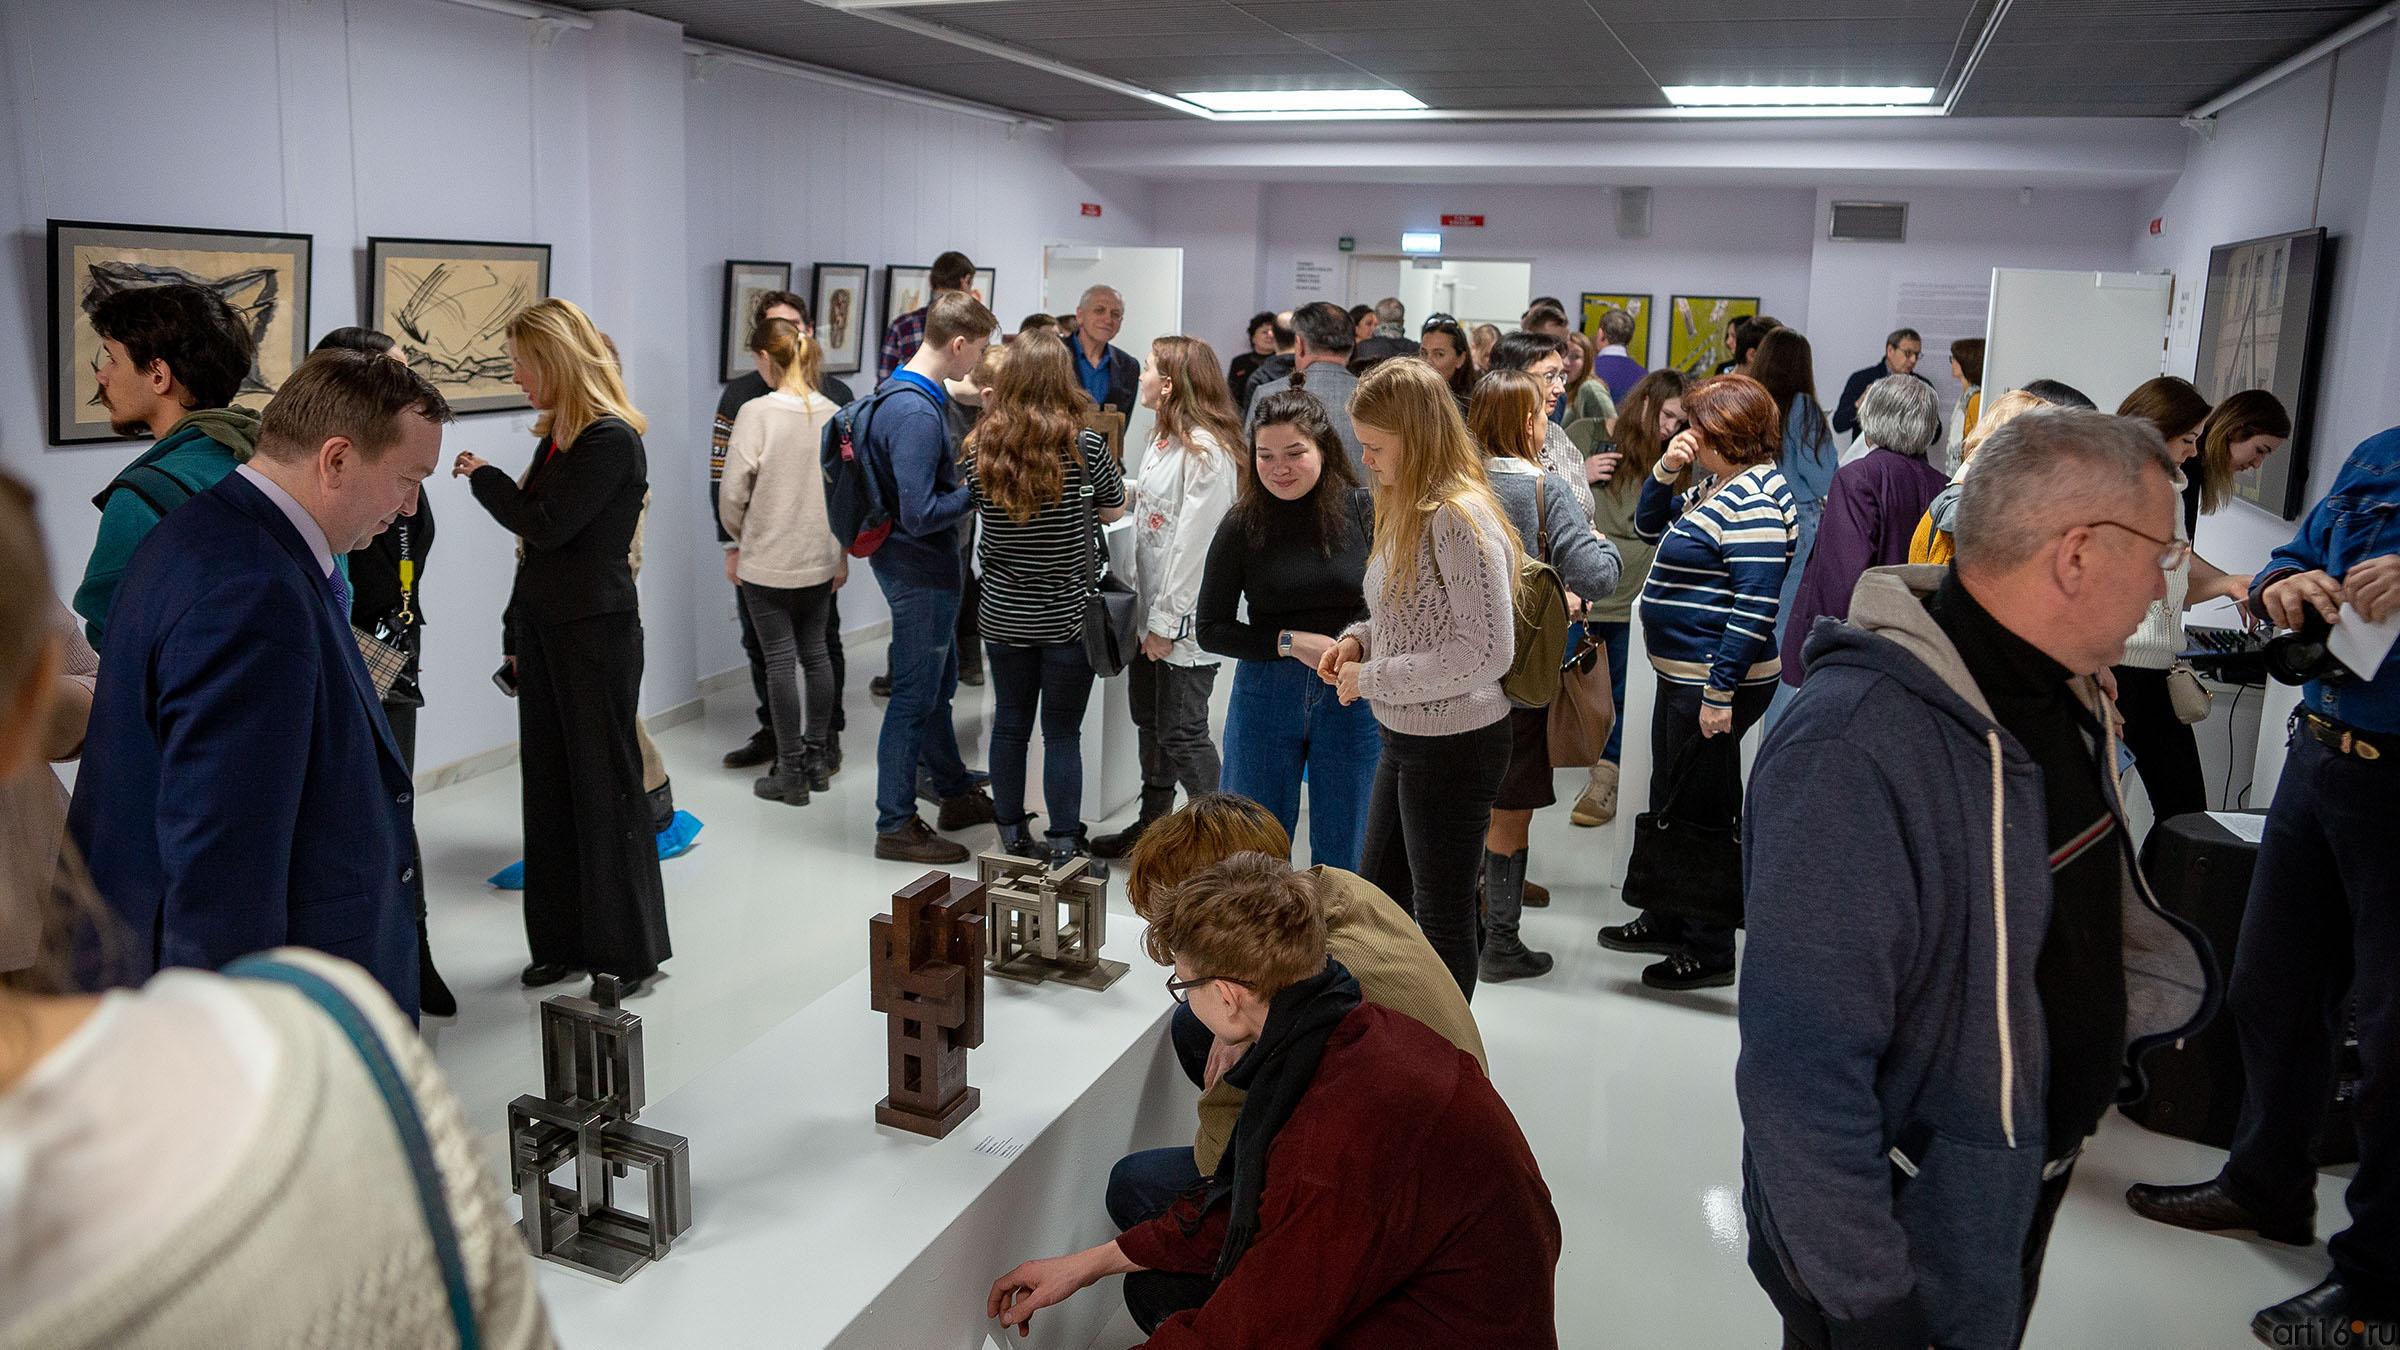 На выставке Массимо Гьотти  «Гуманность металла»::Массимо Гьотти «Гуманность металла»